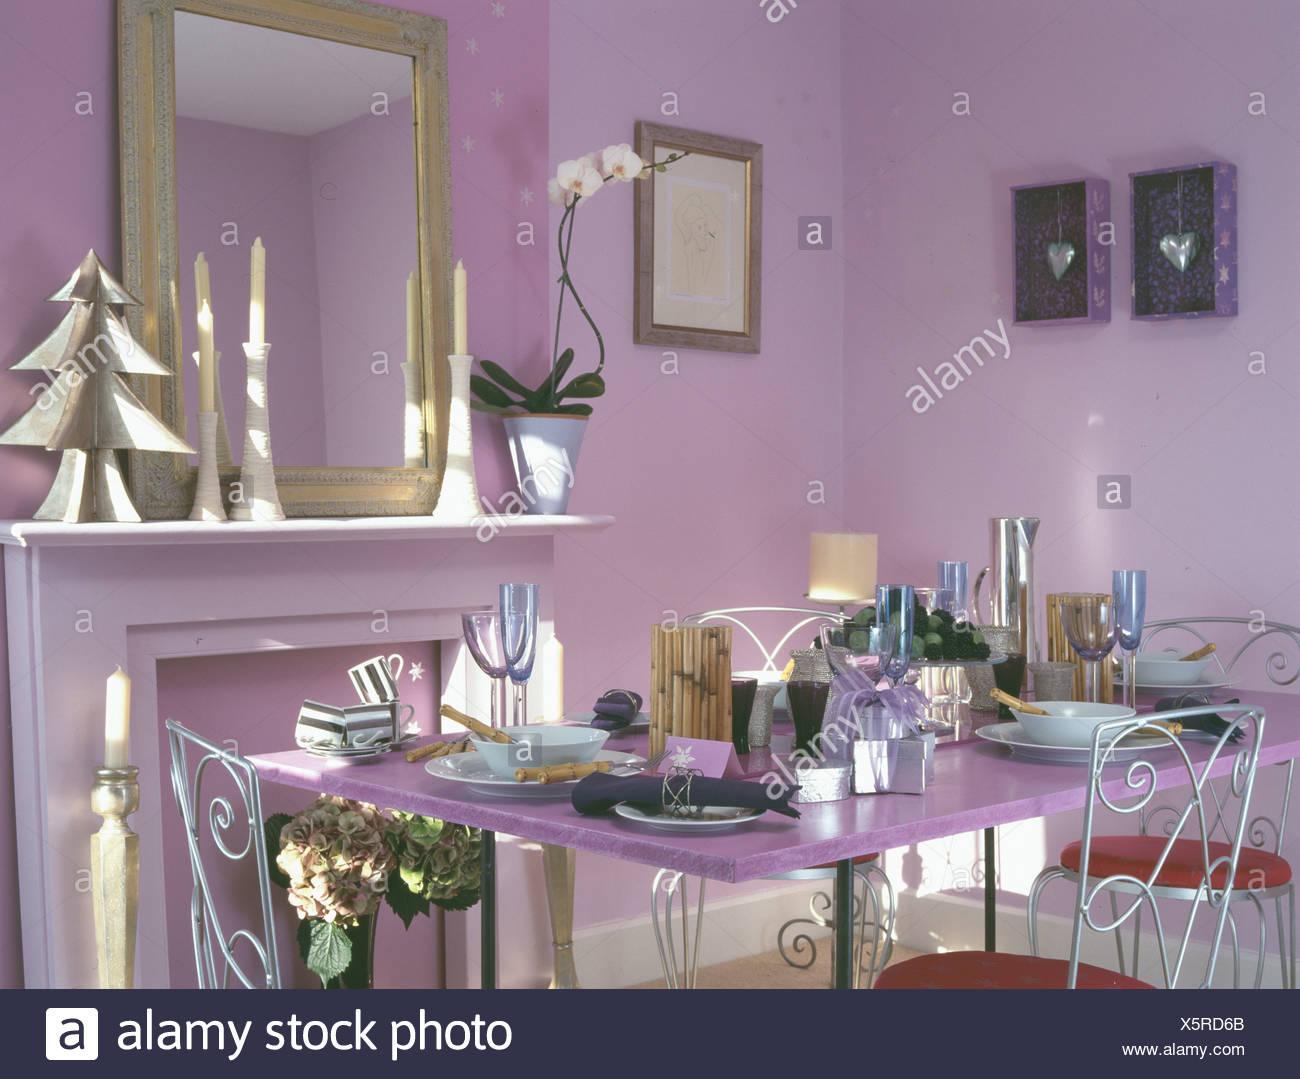 Sedie Decorate Per Natale : Moderna sala da pranzo viola decorato per il natale con albero in